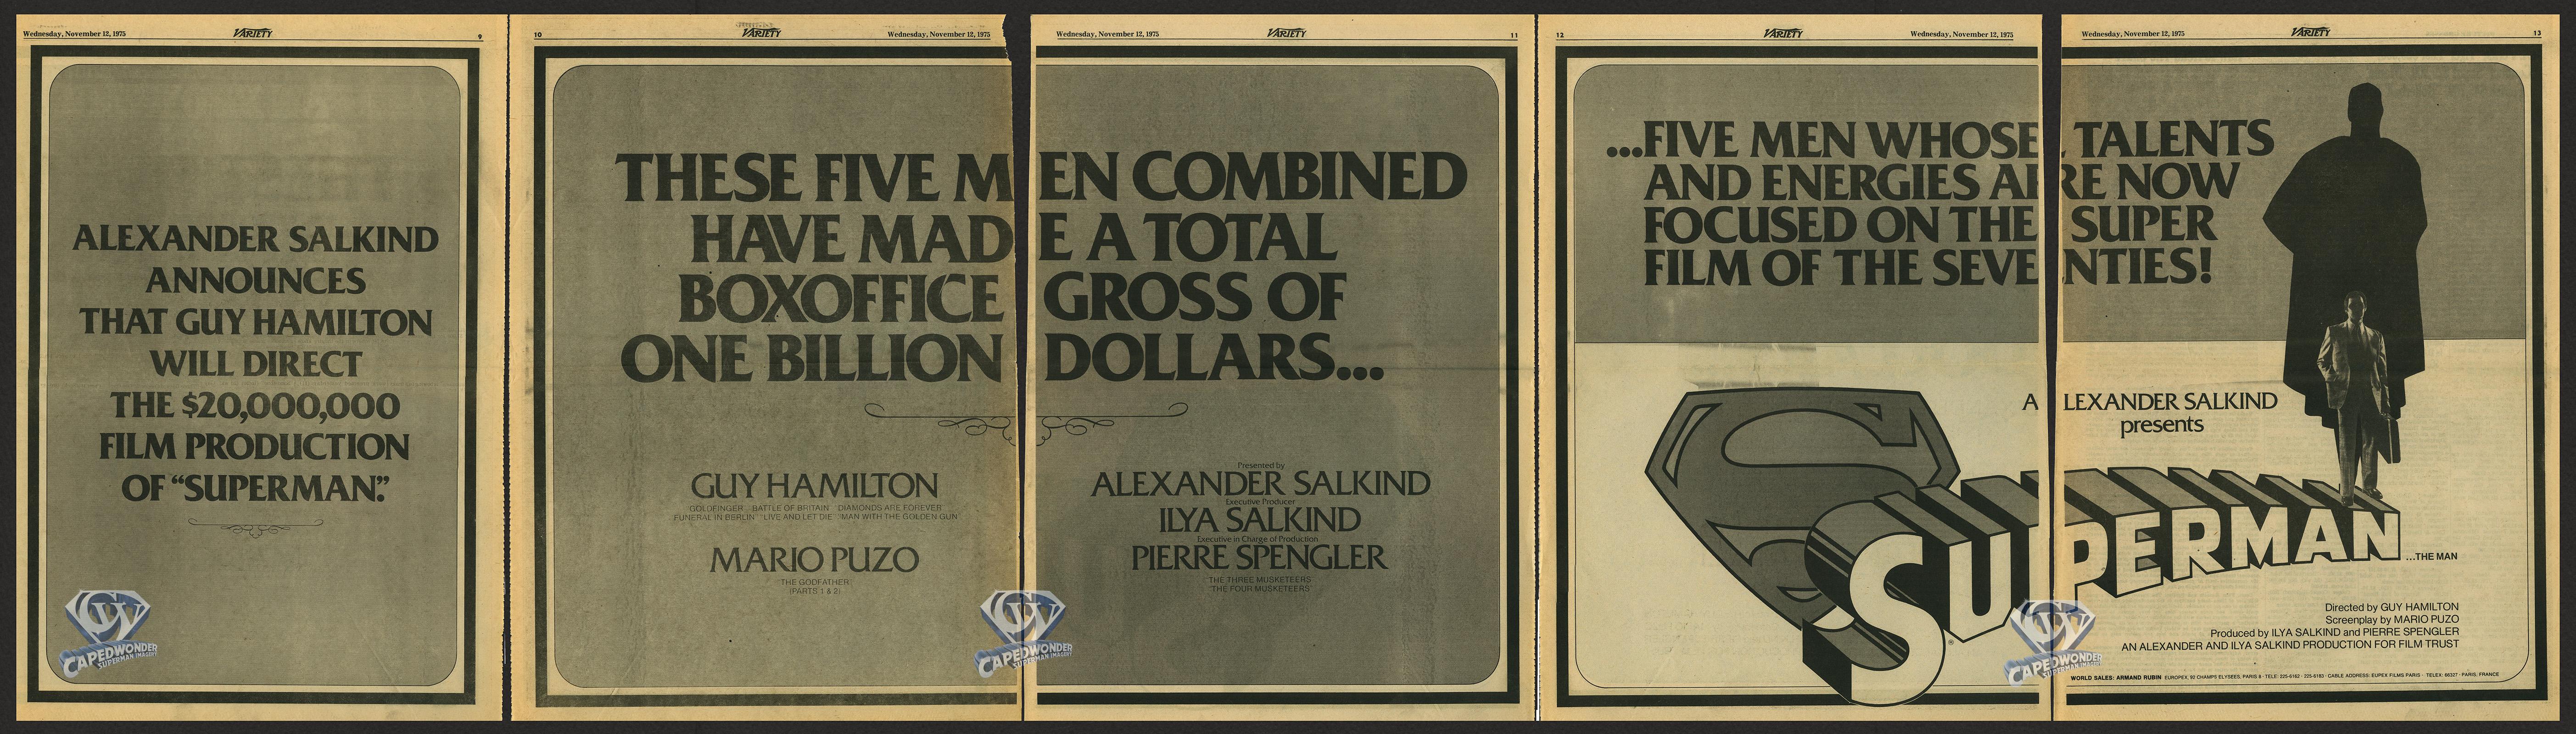 CW-STM-Variety-ad-Nov-12-1975